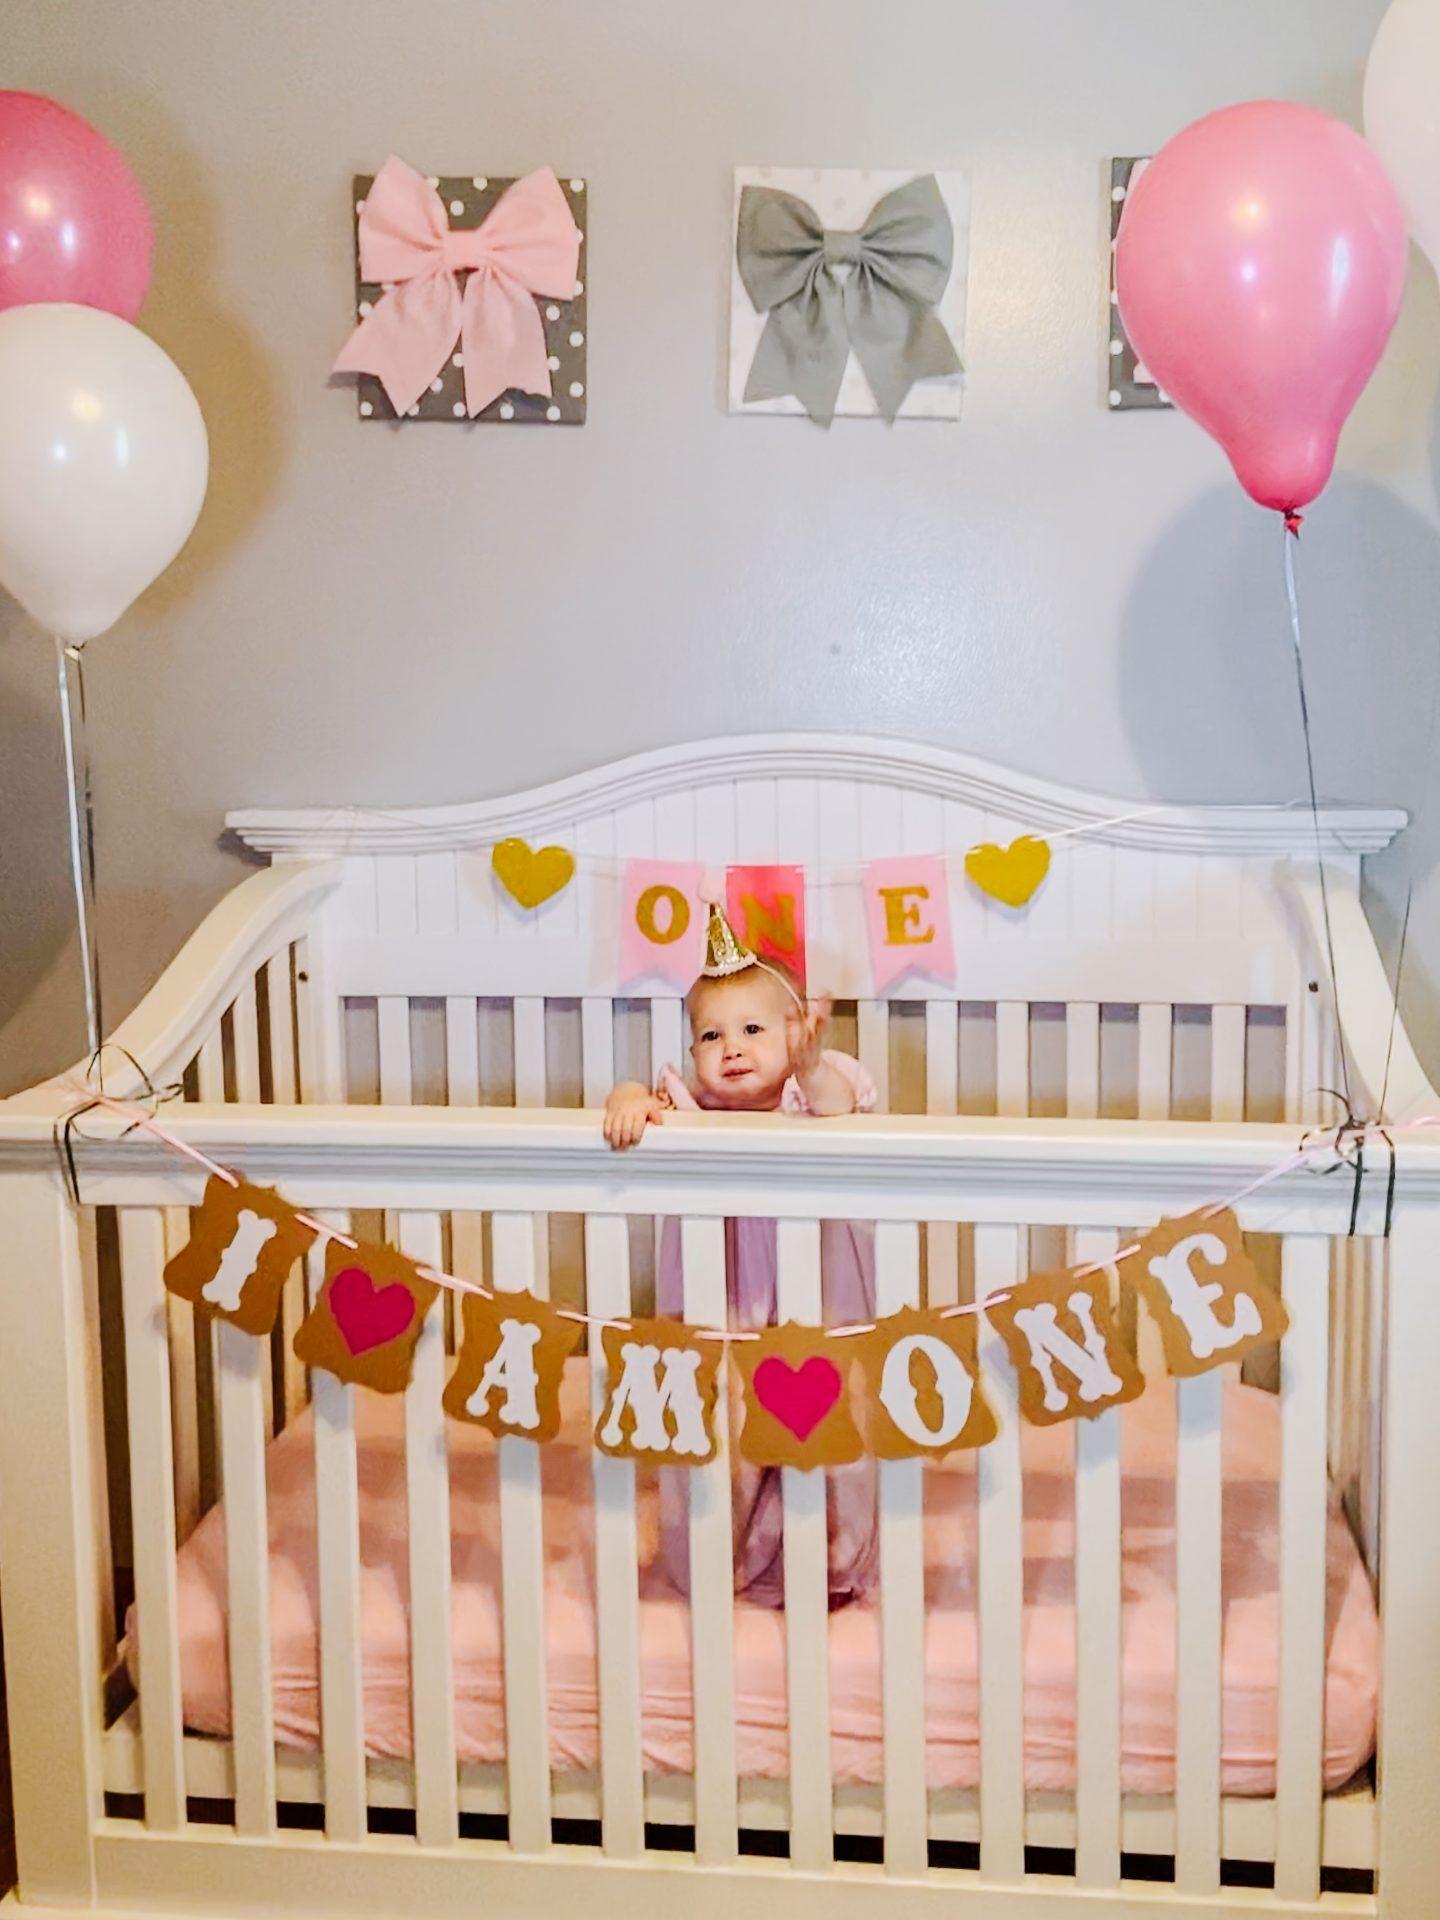 DIY 1st Birthday Crib Photoshoot in 2020 1st birthday